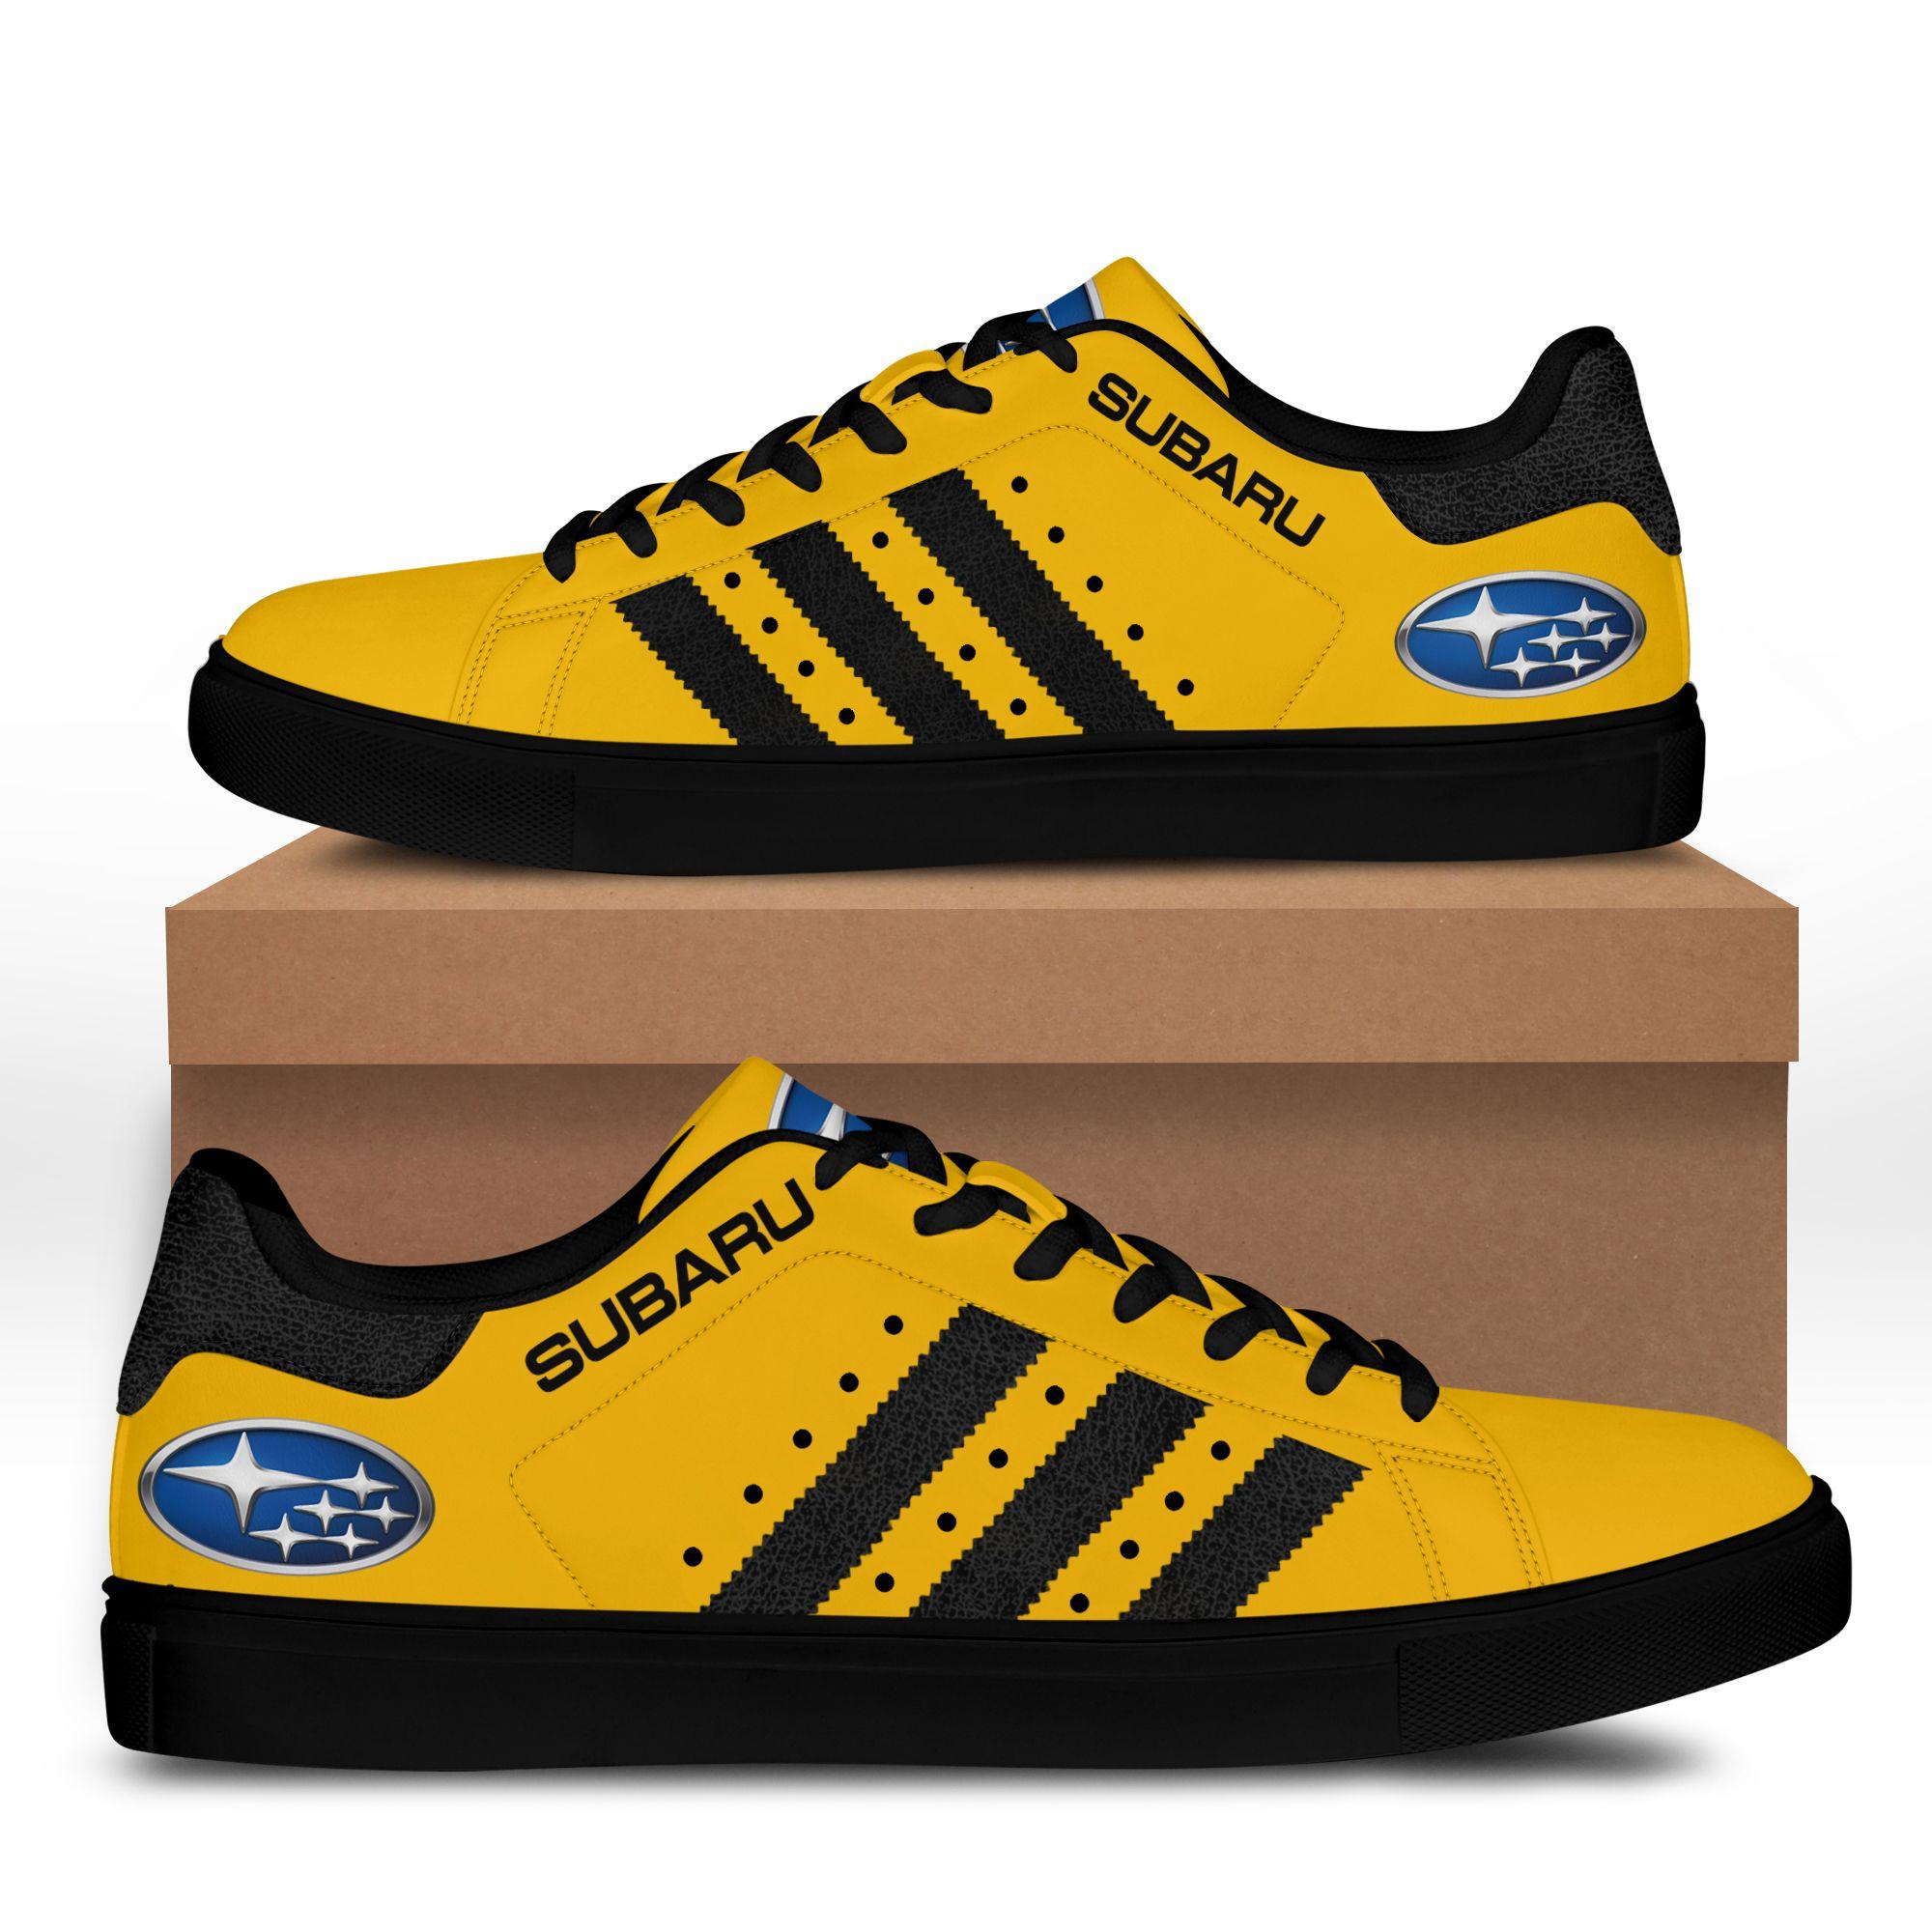 Subaru Yellow Stan Smith Shoes